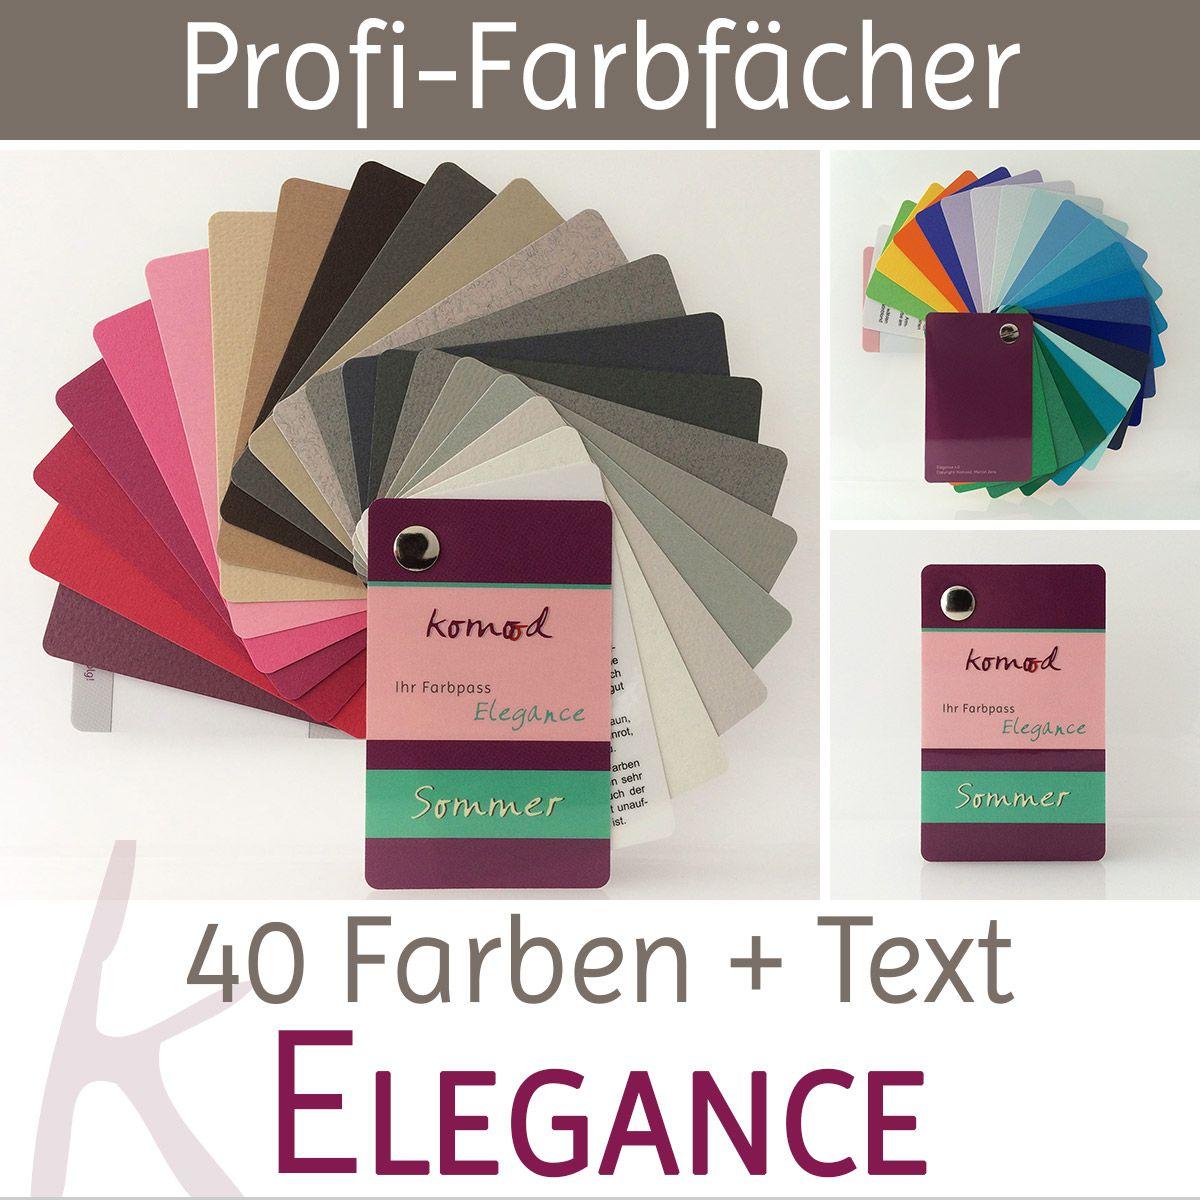 Farbfächer / Farbpass Farbtyp Sommer mit je 40 Farben Elegance